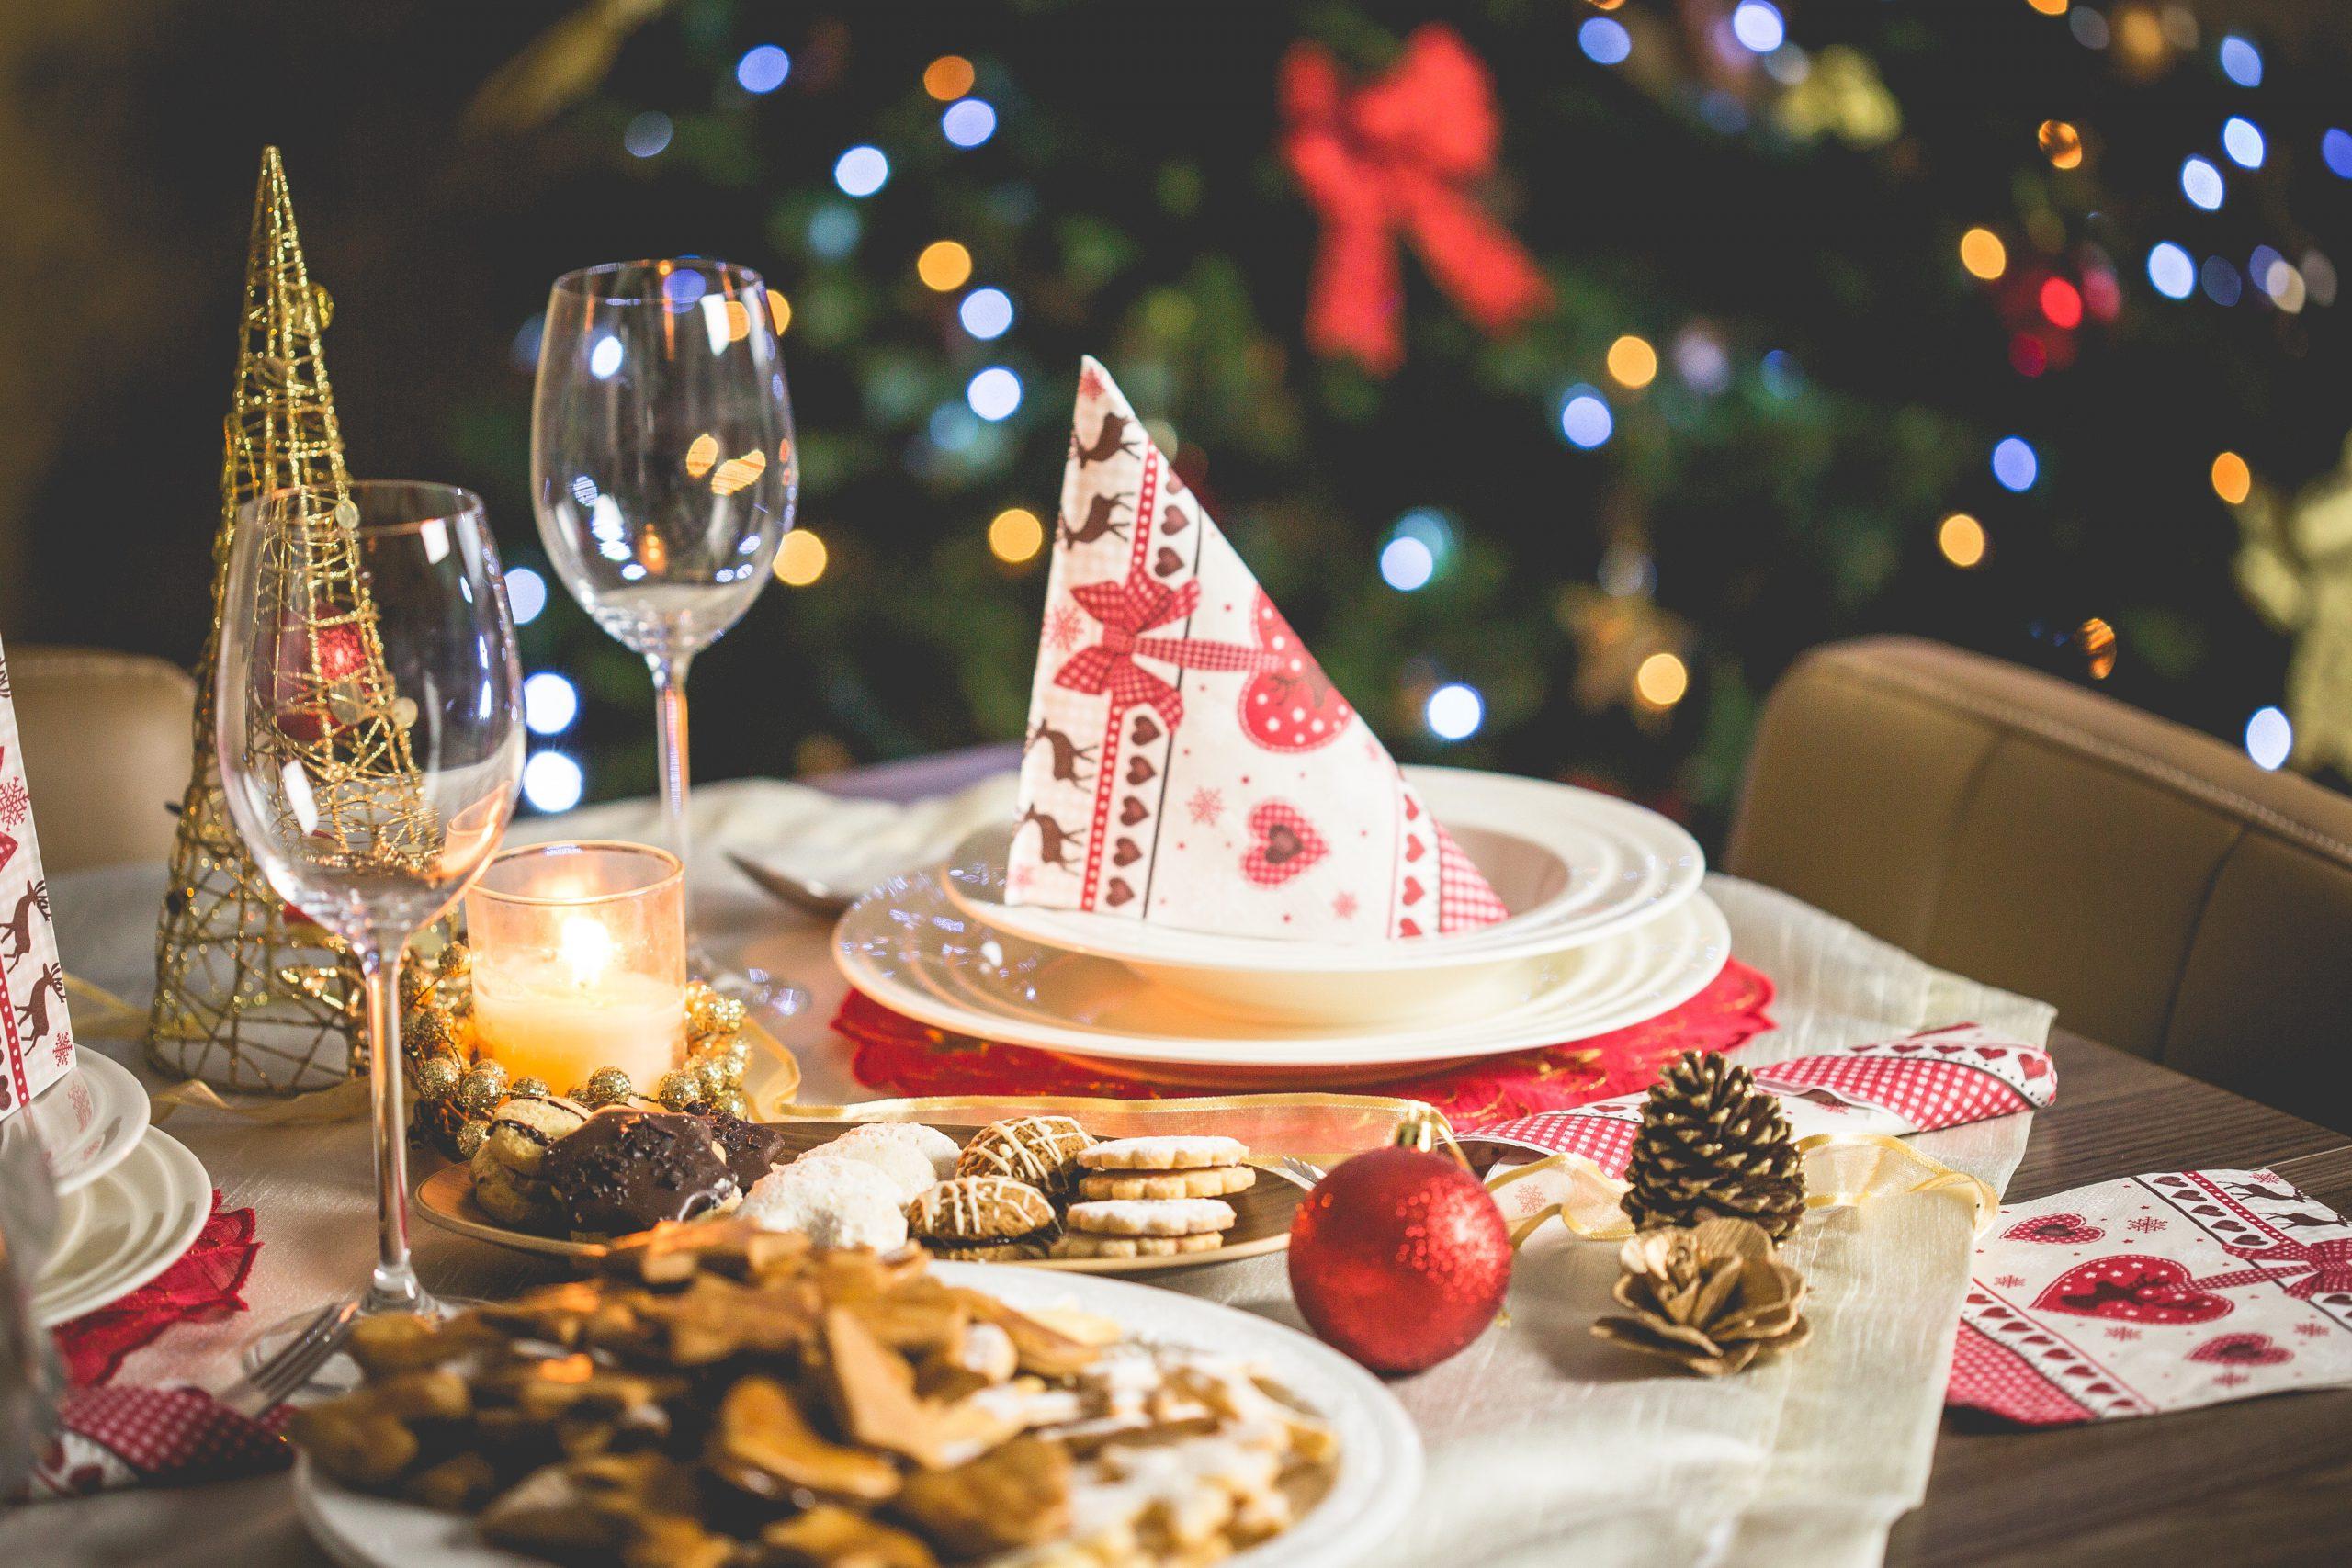 Las celebraciones navideñas también pueden generar estrés